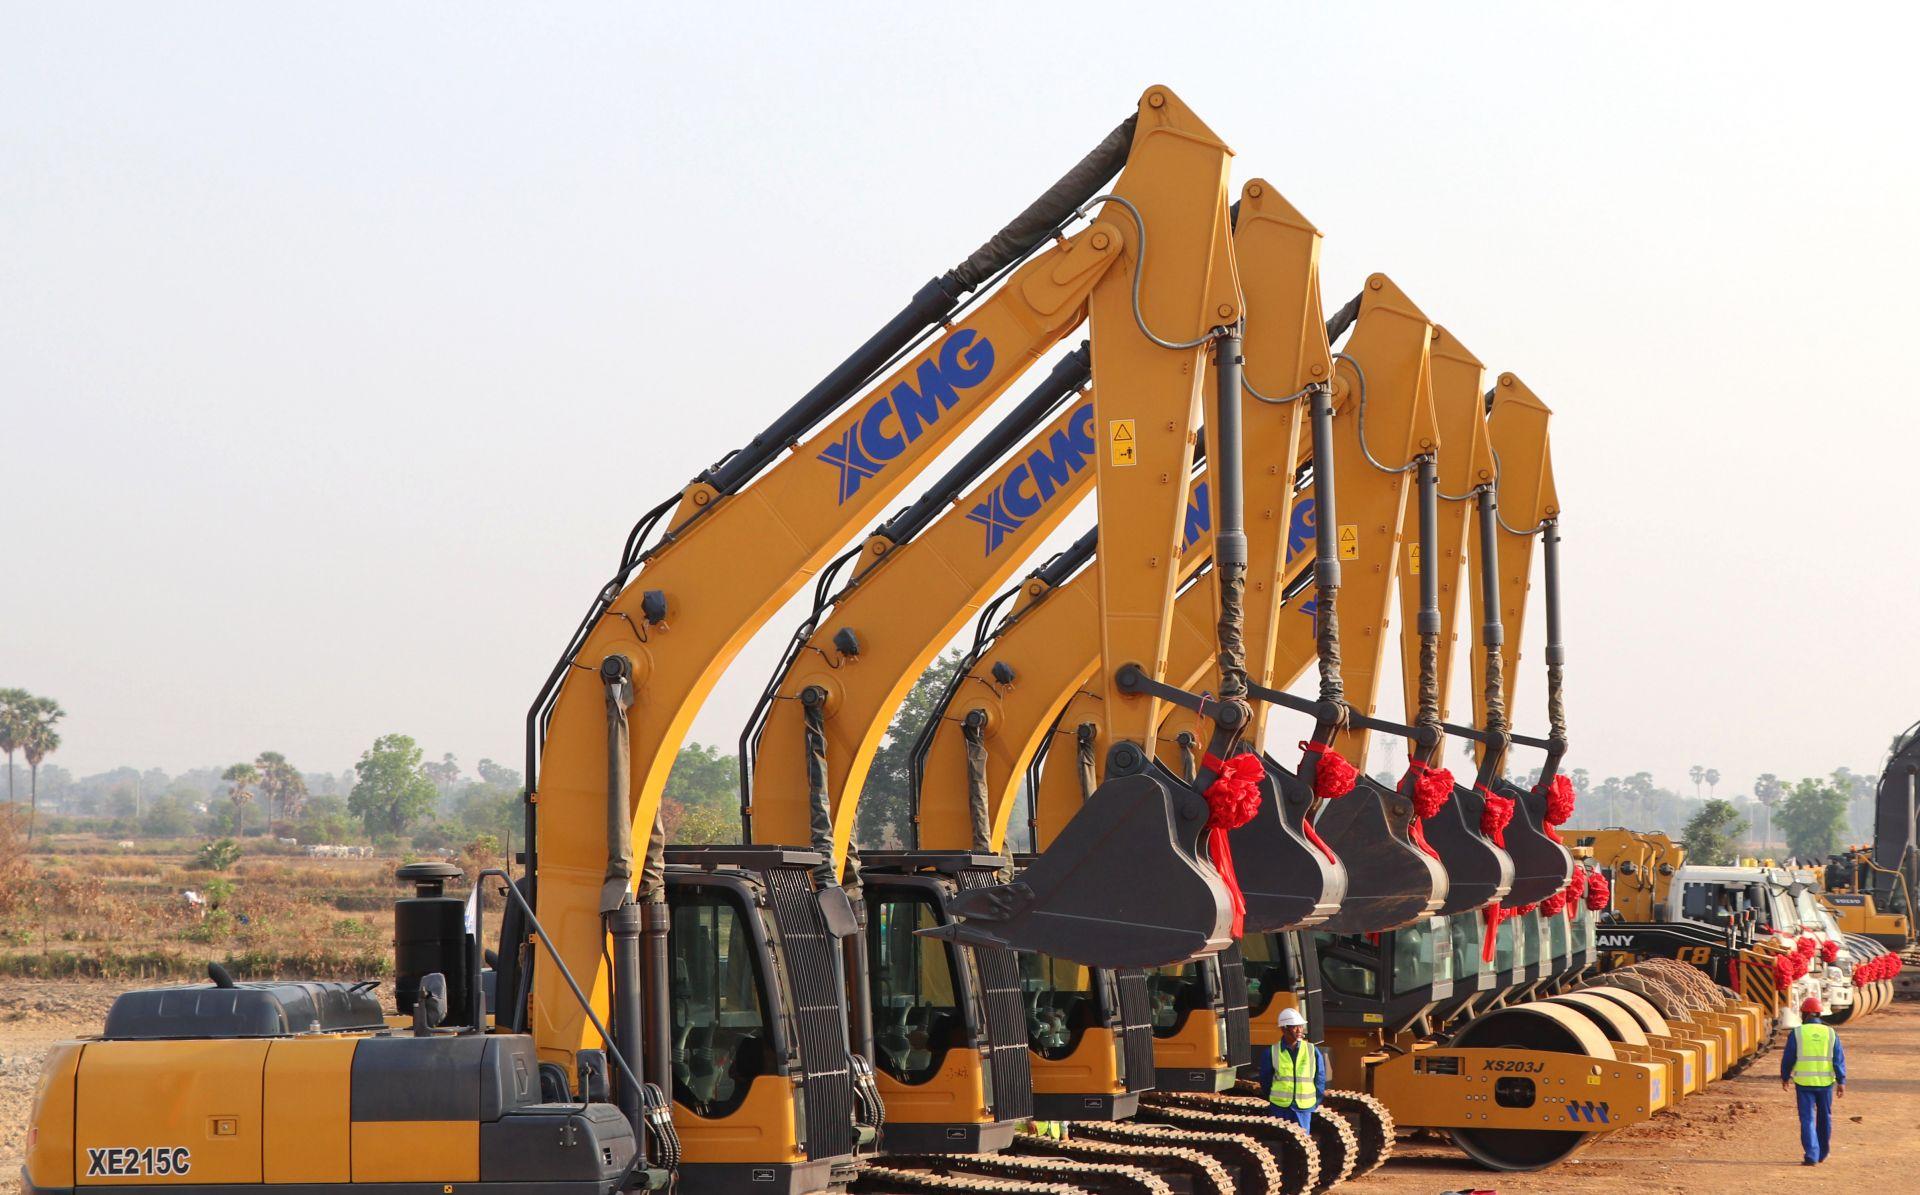 金边—西港高速公路项目建设平稳推进